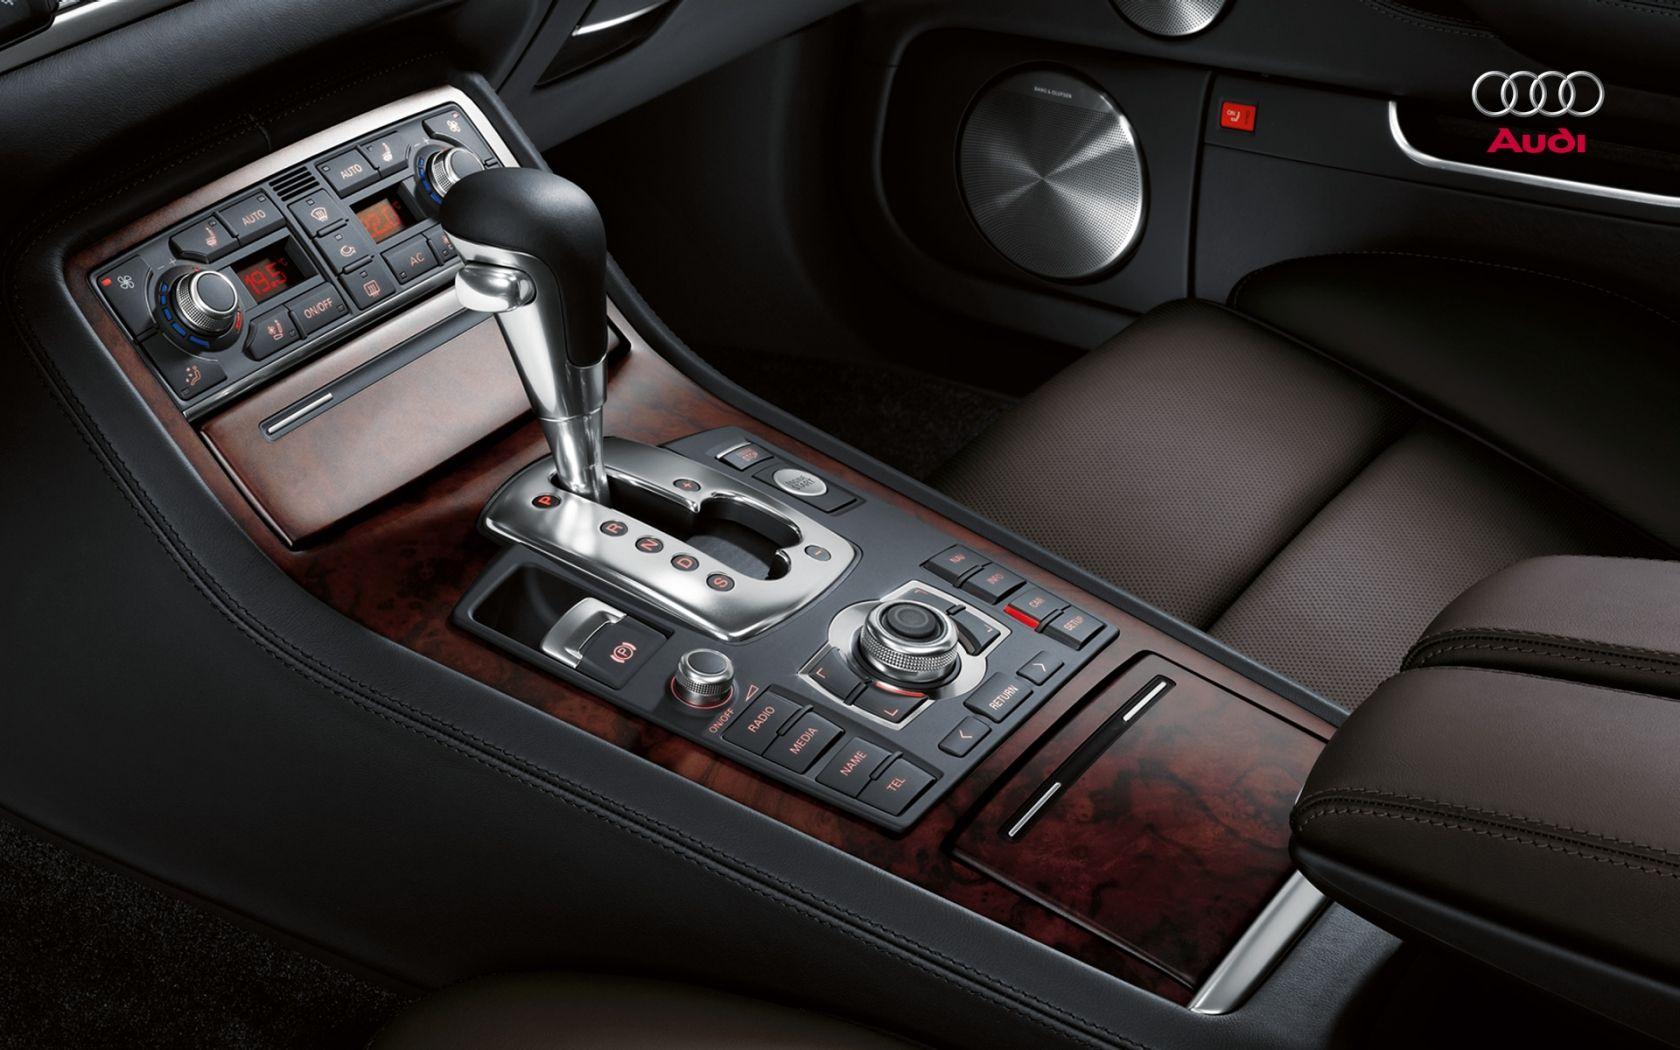 Audi A8 D3   Interior 1680x1050